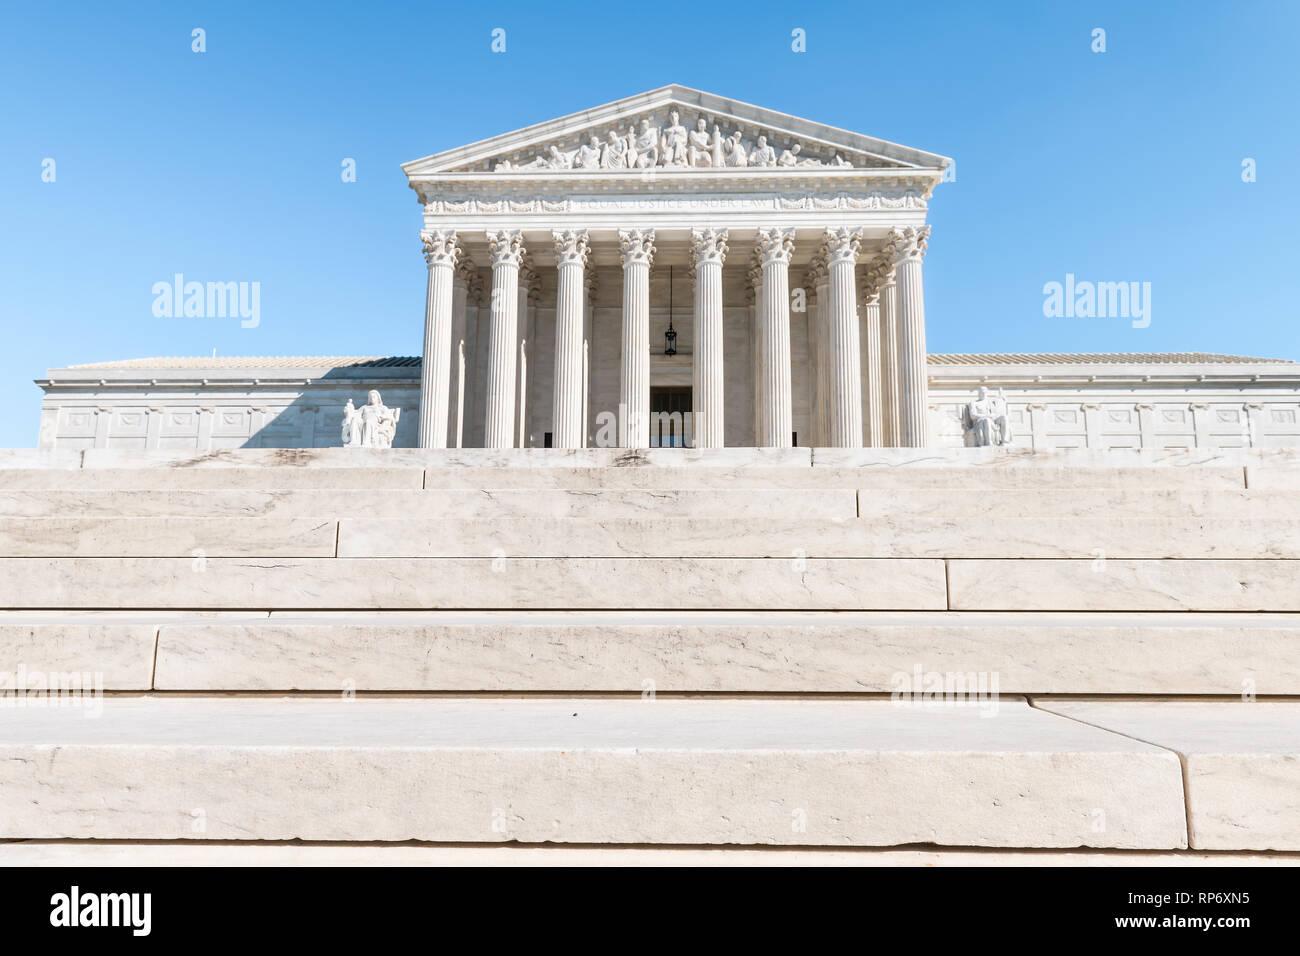 Washington DC, USA Schritte Treppe der Oberste Gerichtshof Marmor Gebäude Architektur auf dem Capitol Hill mit Säulen Säulen Stockbild